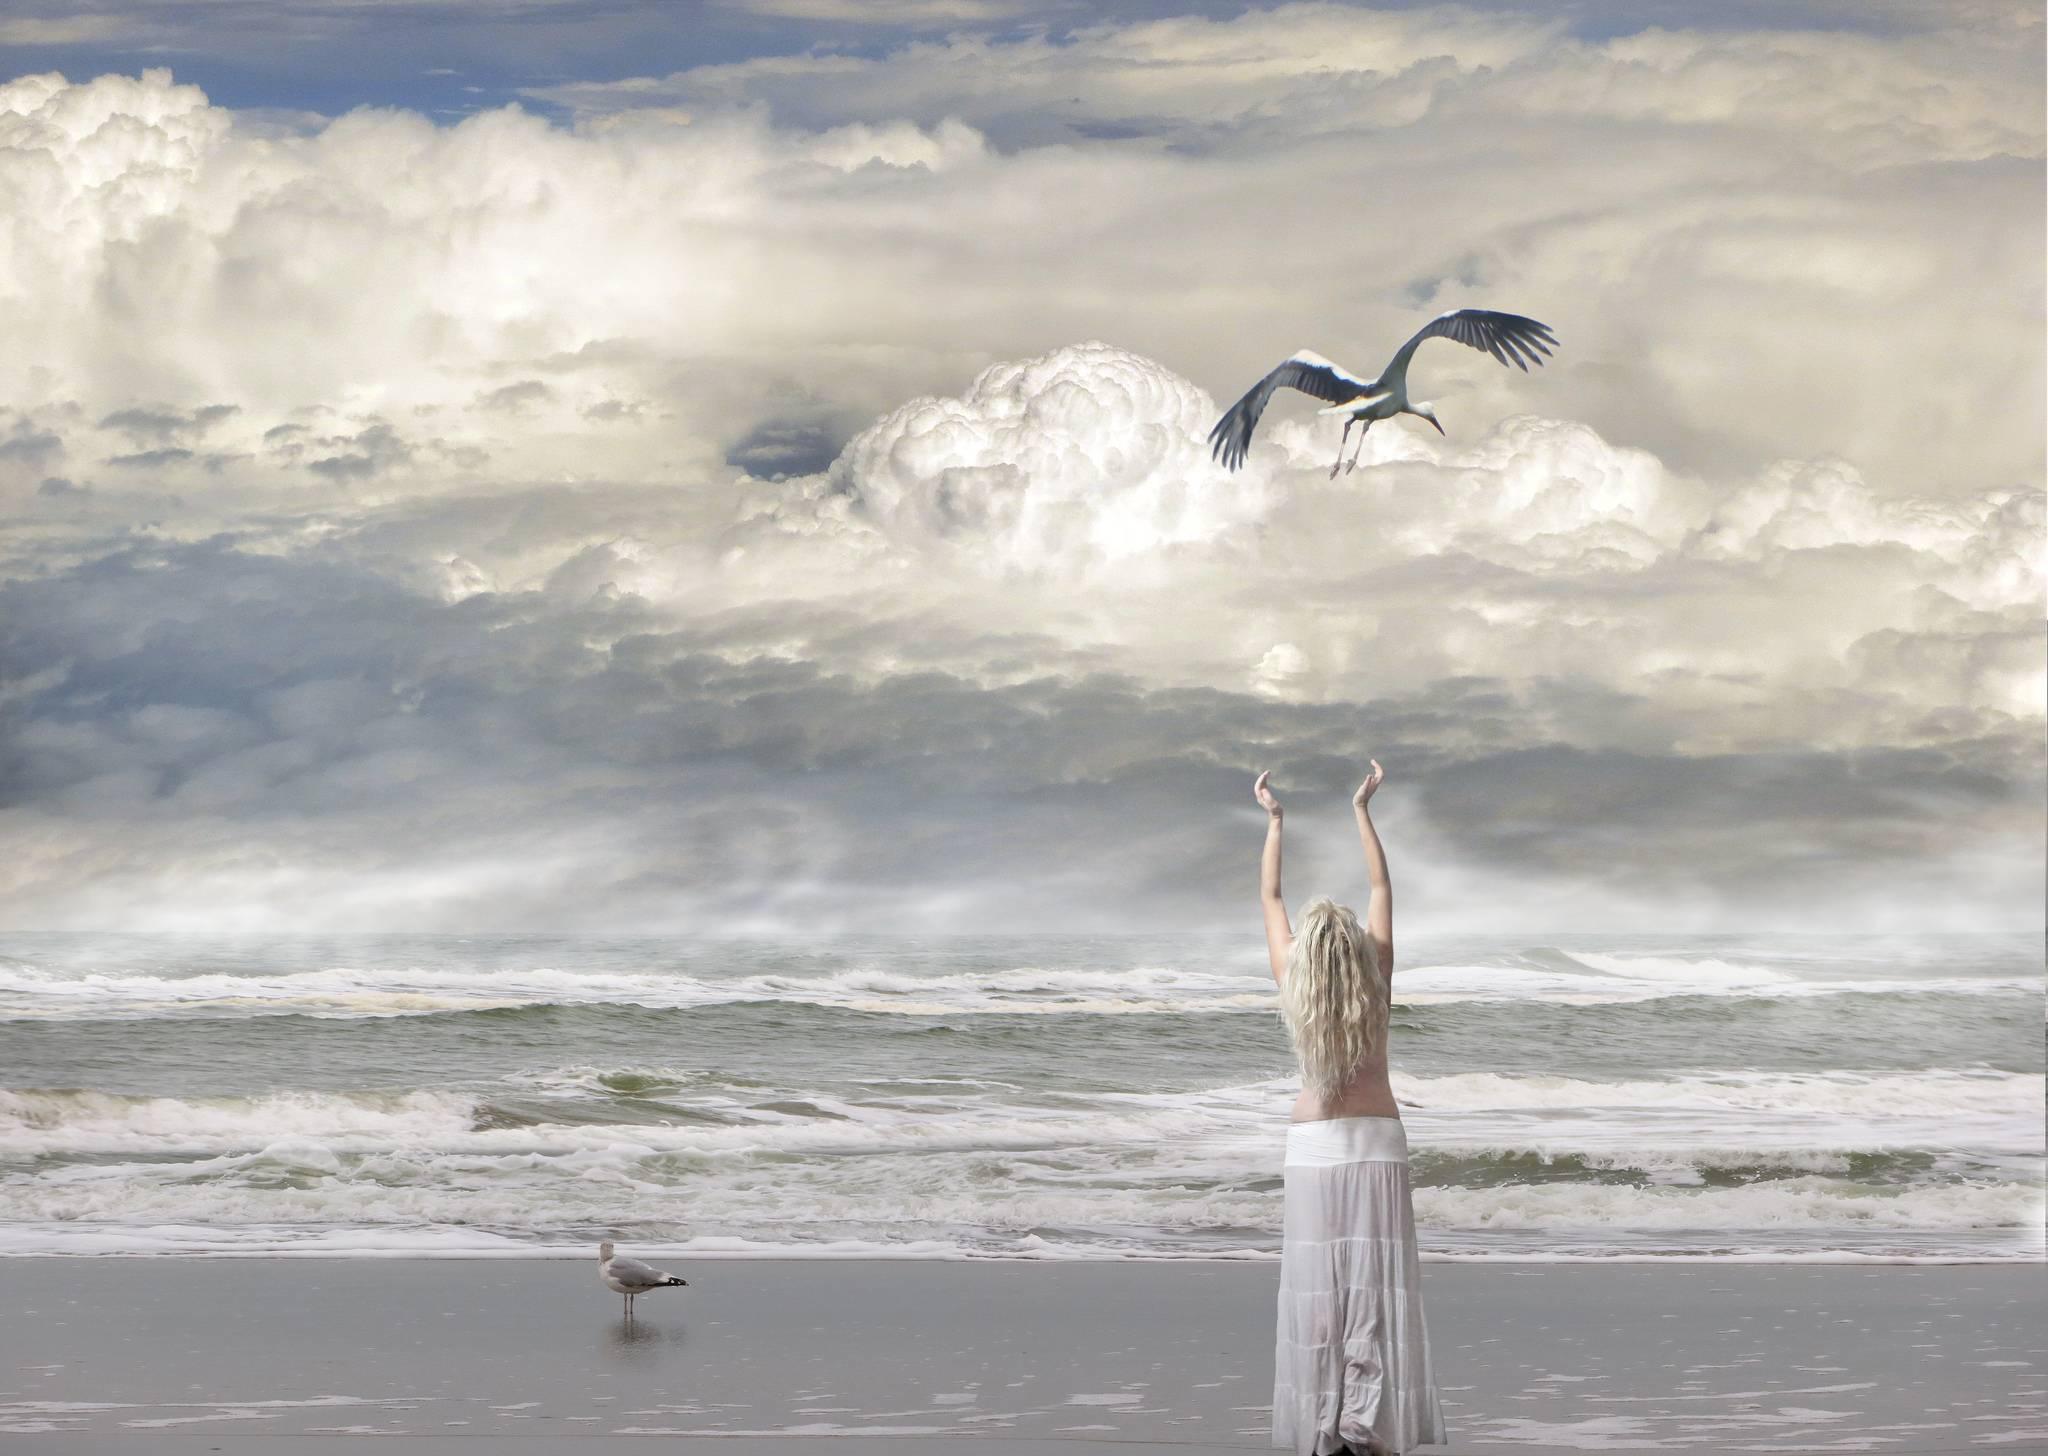 море, волны, берег